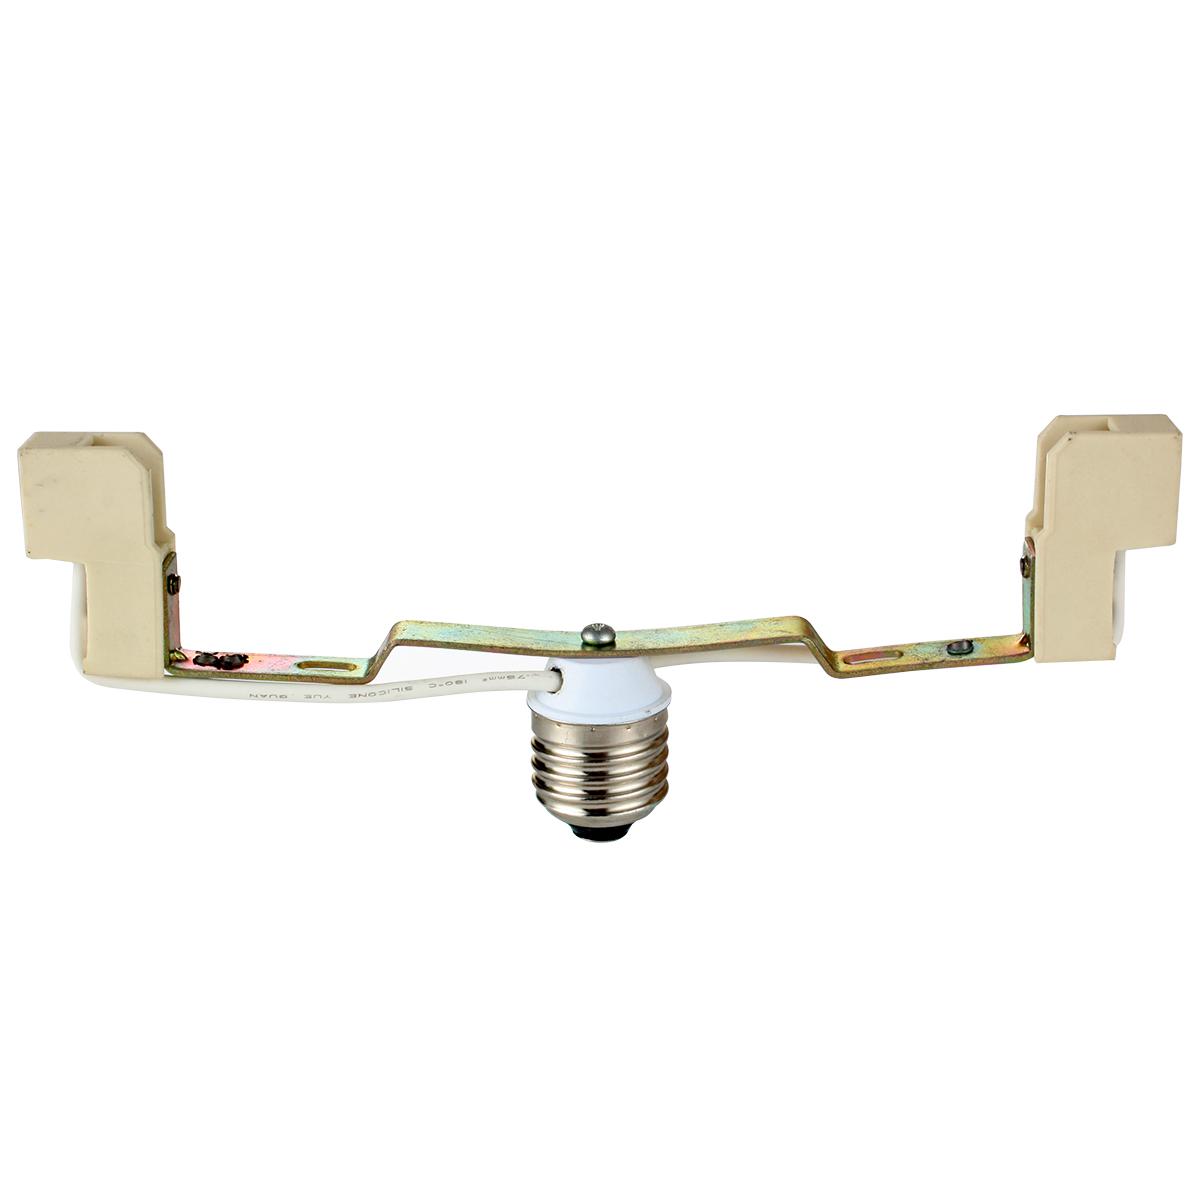 lampensockel adapter fassung socket led e14 e27 g9 gu10 mr16 kabel leuchtmittel. Black Bedroom Furniture Sets. Home Design Ideas